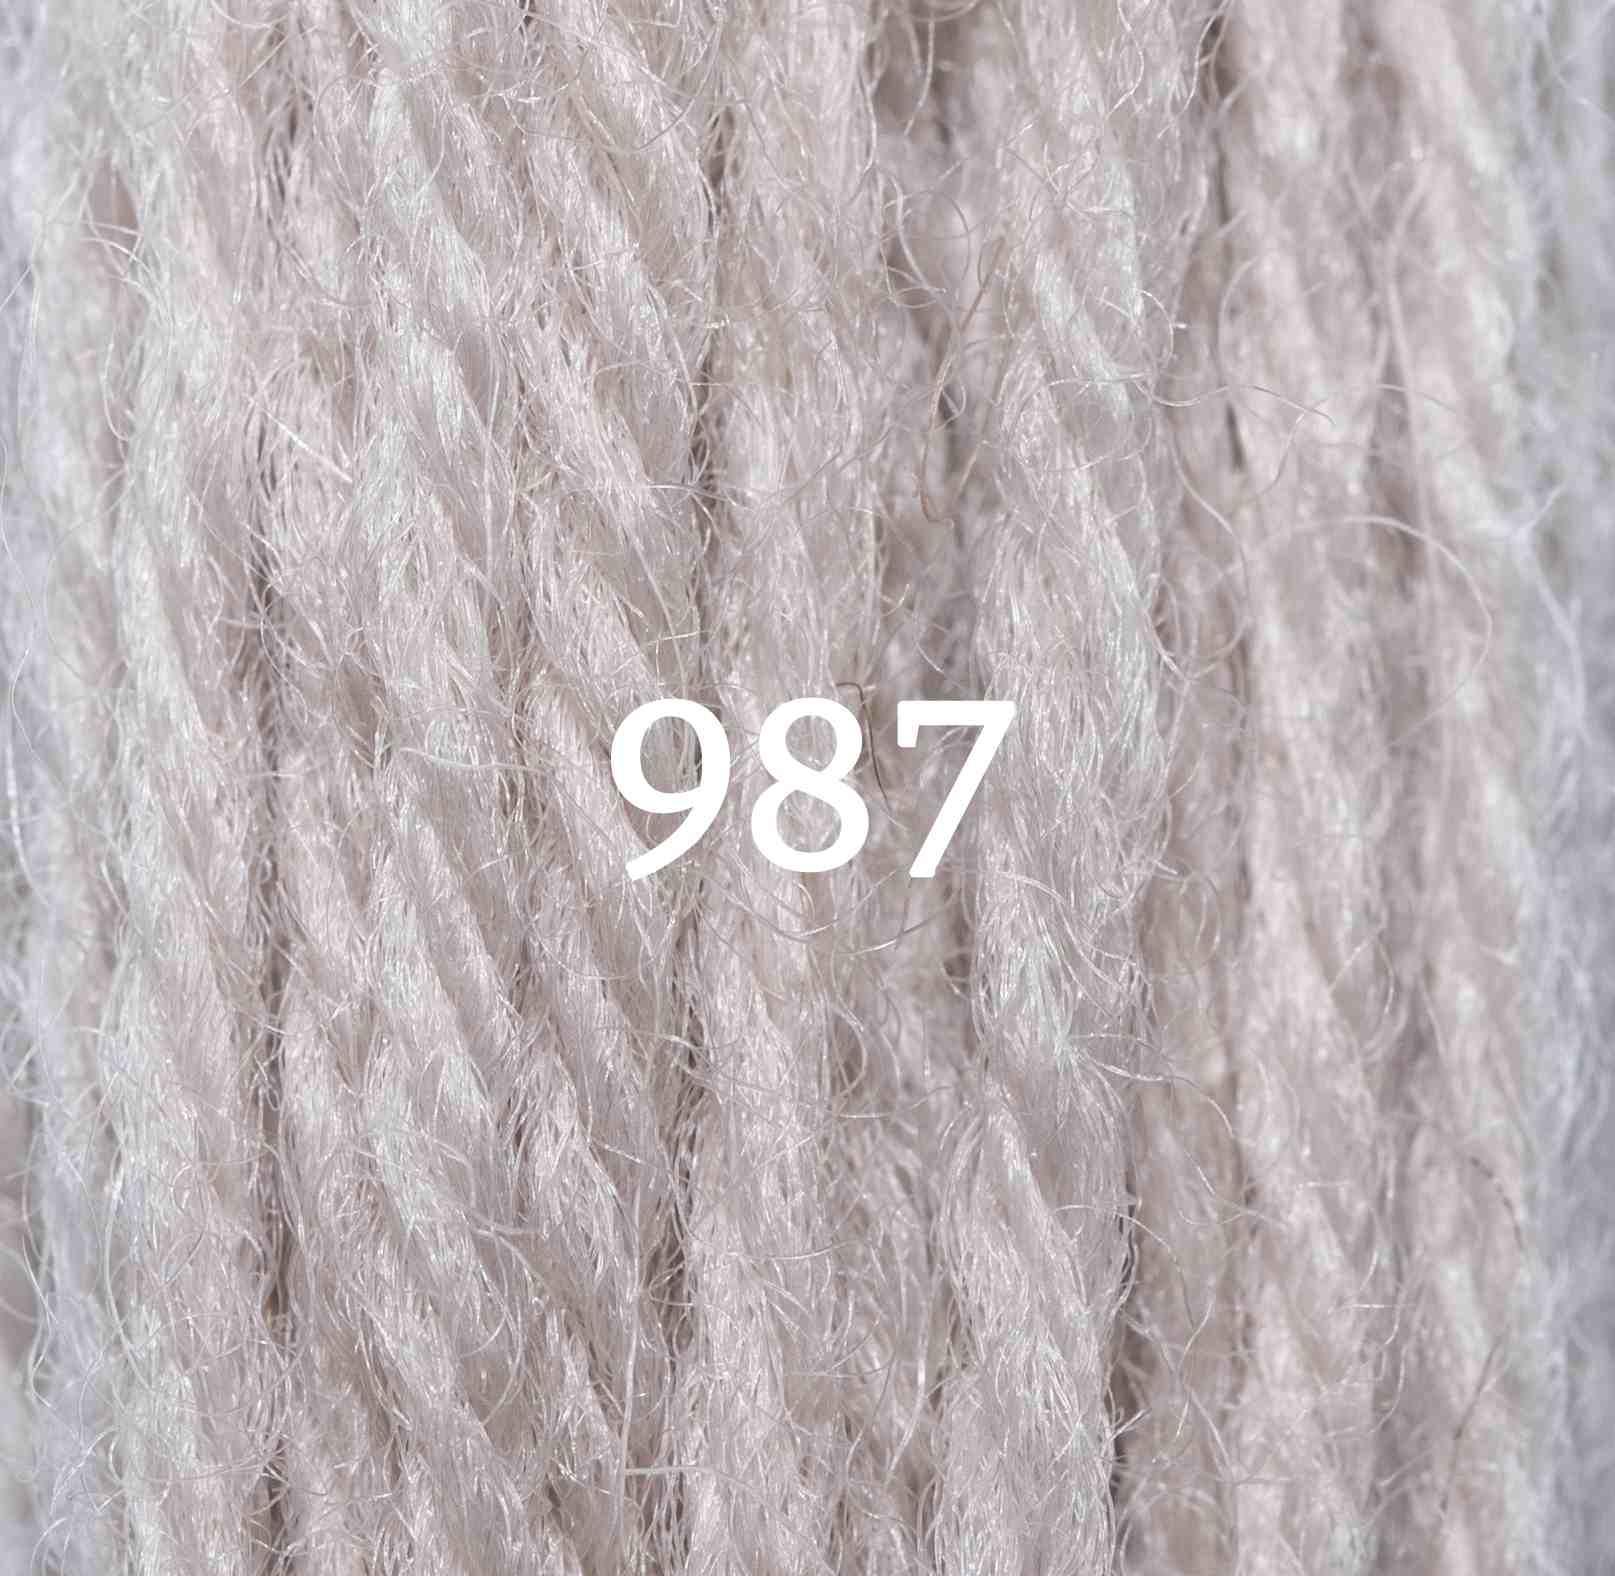 Putty-Groundings-987